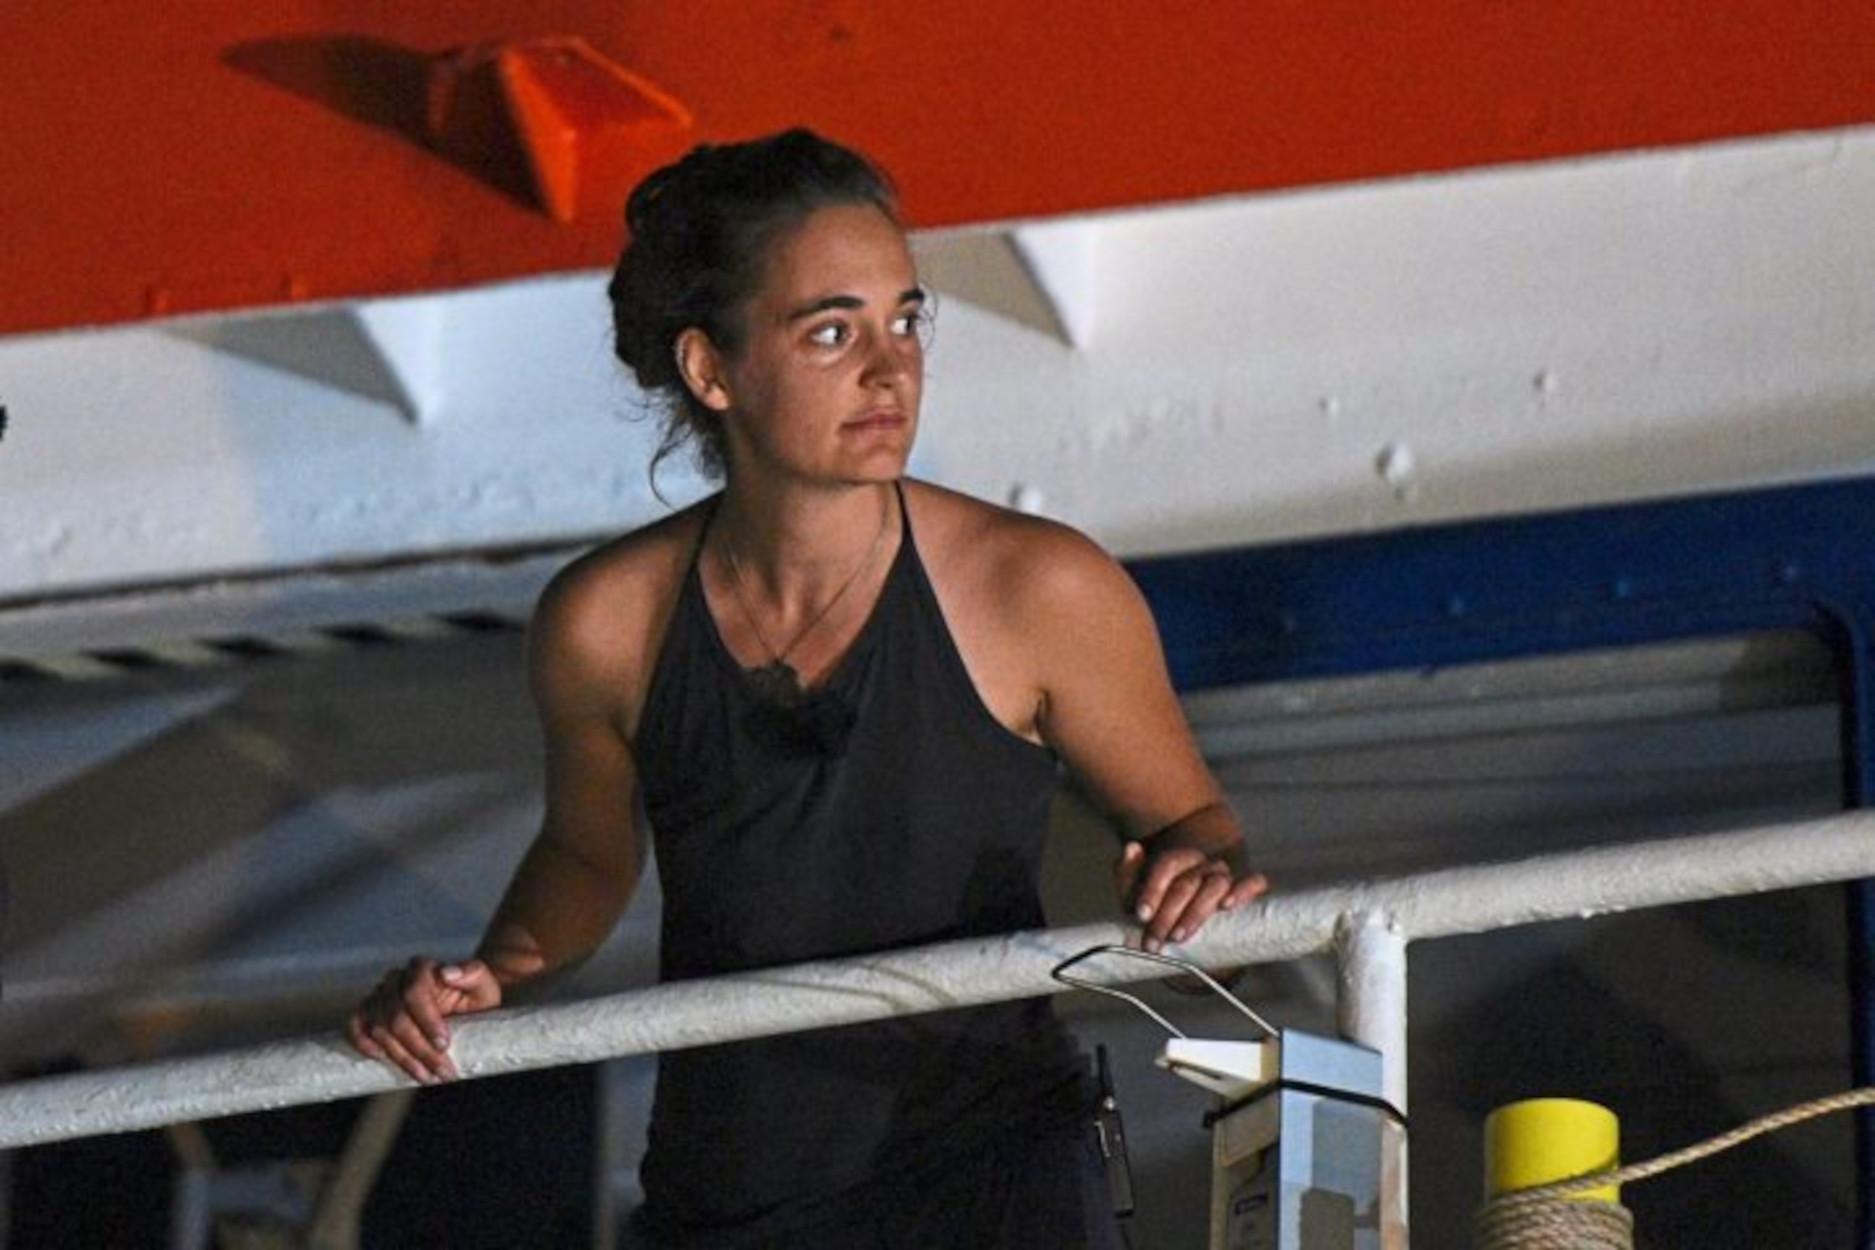 Ιταλία: Στο αρχείο οι κατηγορίες κατά της Κάρολα Ρακέτε για τη διάσωση μεταναστών